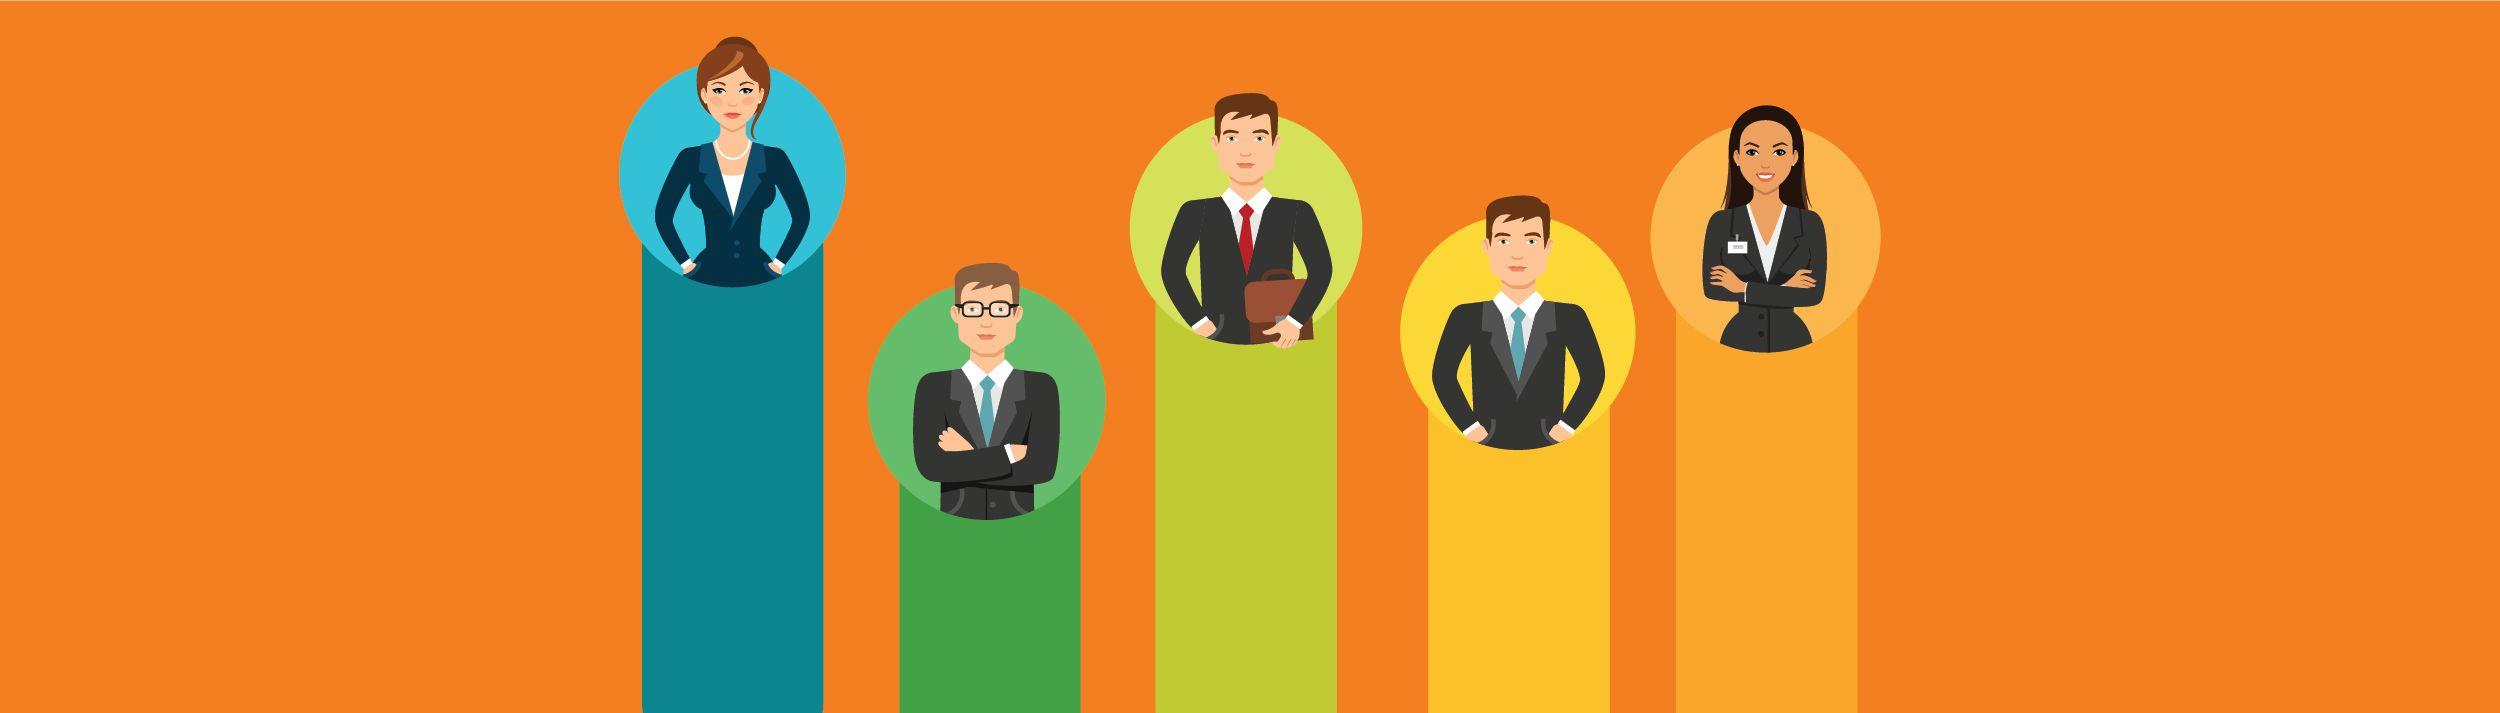 Quy trình 5 bước đánh giá nhân viên trong doanh nghiệp